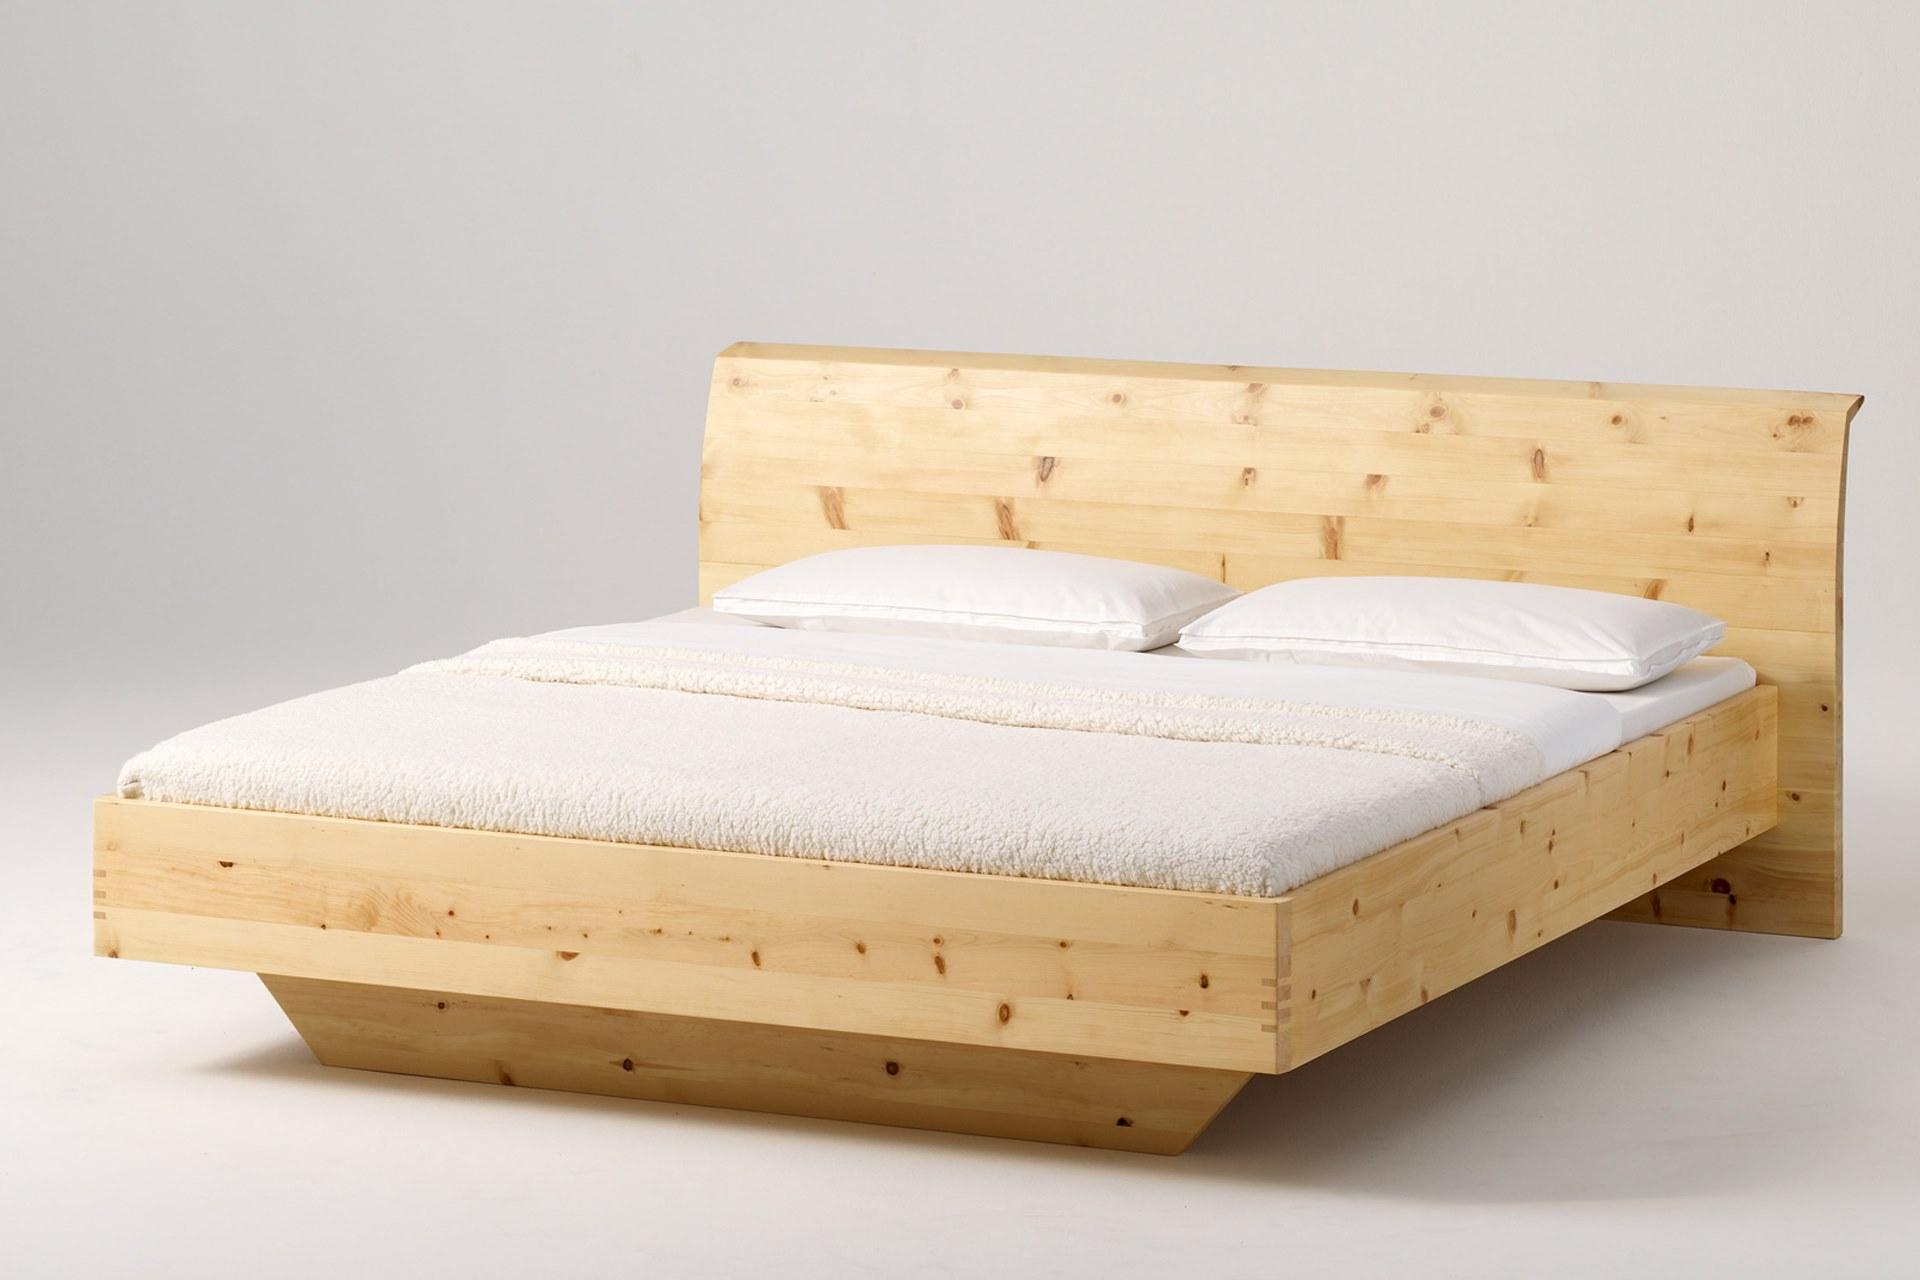 Full Size of Bett Vollholzbett Rio In Zirbe Gelt Wohnopposition Berlin Betten 100x200 Mit Aufbewahrung Balken Kaufen Hamburg Weiß Billige Breit Rauch Stapelbar Schrank De Bett 1.40 Bett